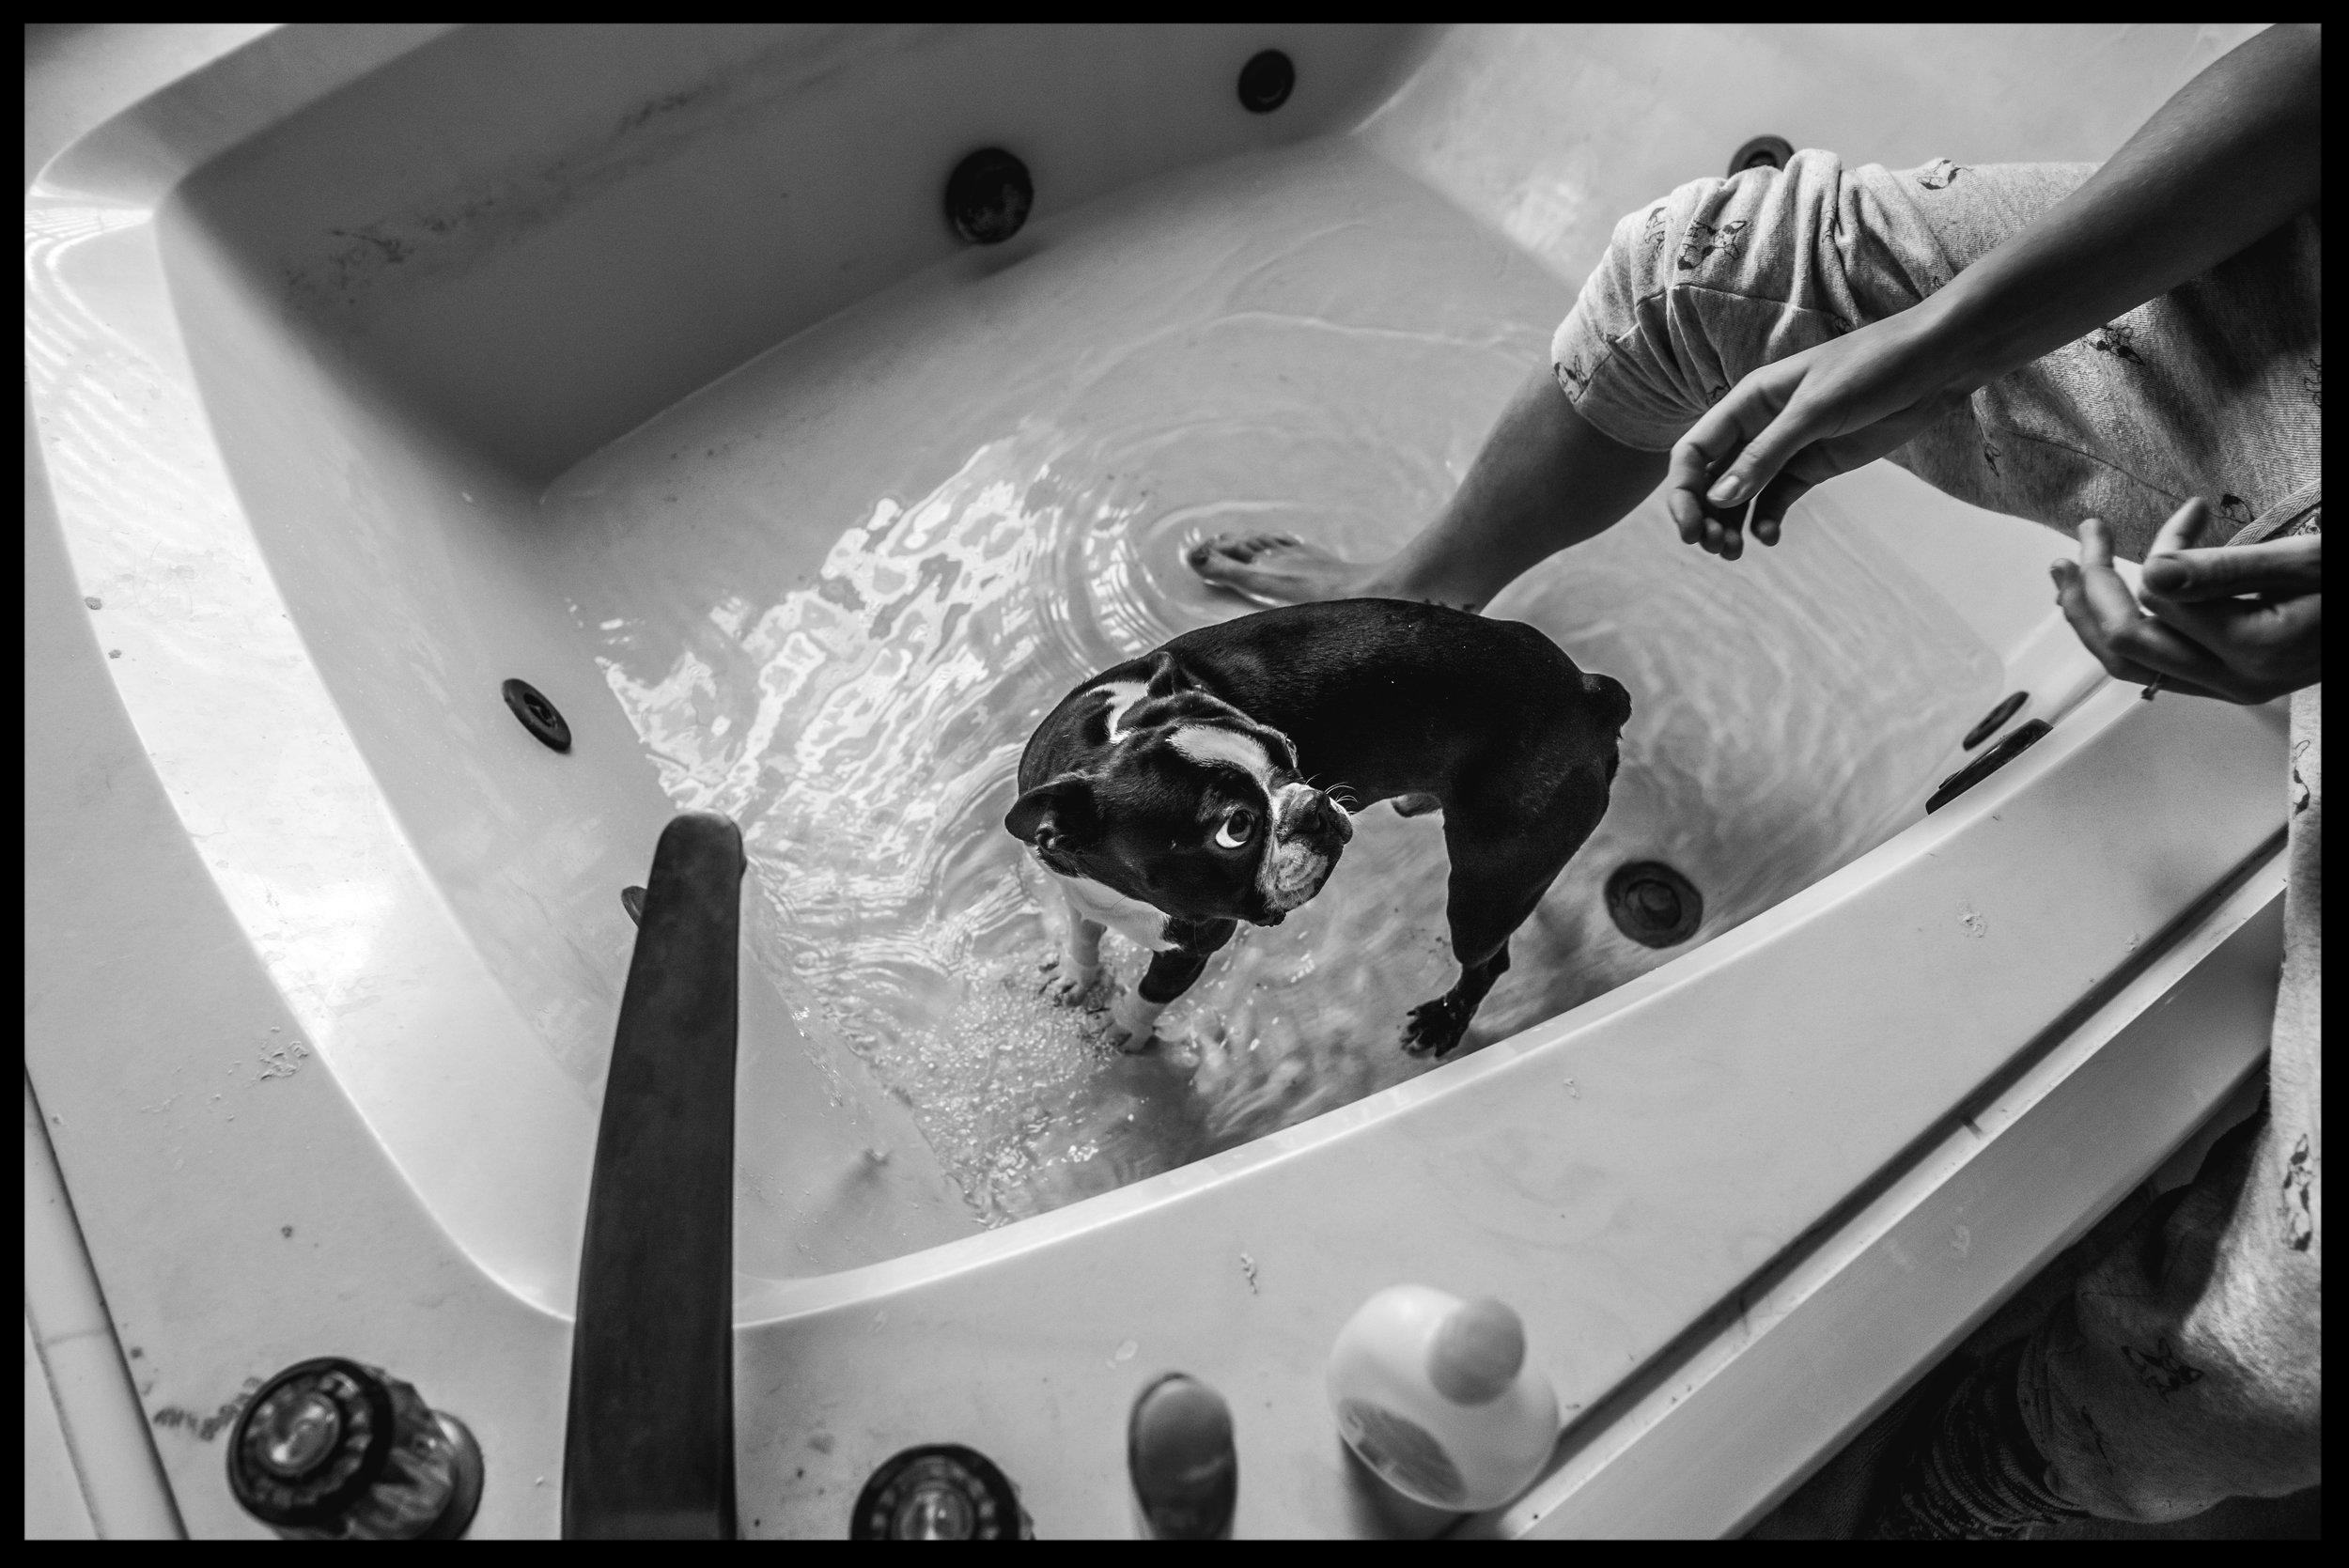 Small dog getting washed in a big bathtub, black and white,Aurora, Colorado